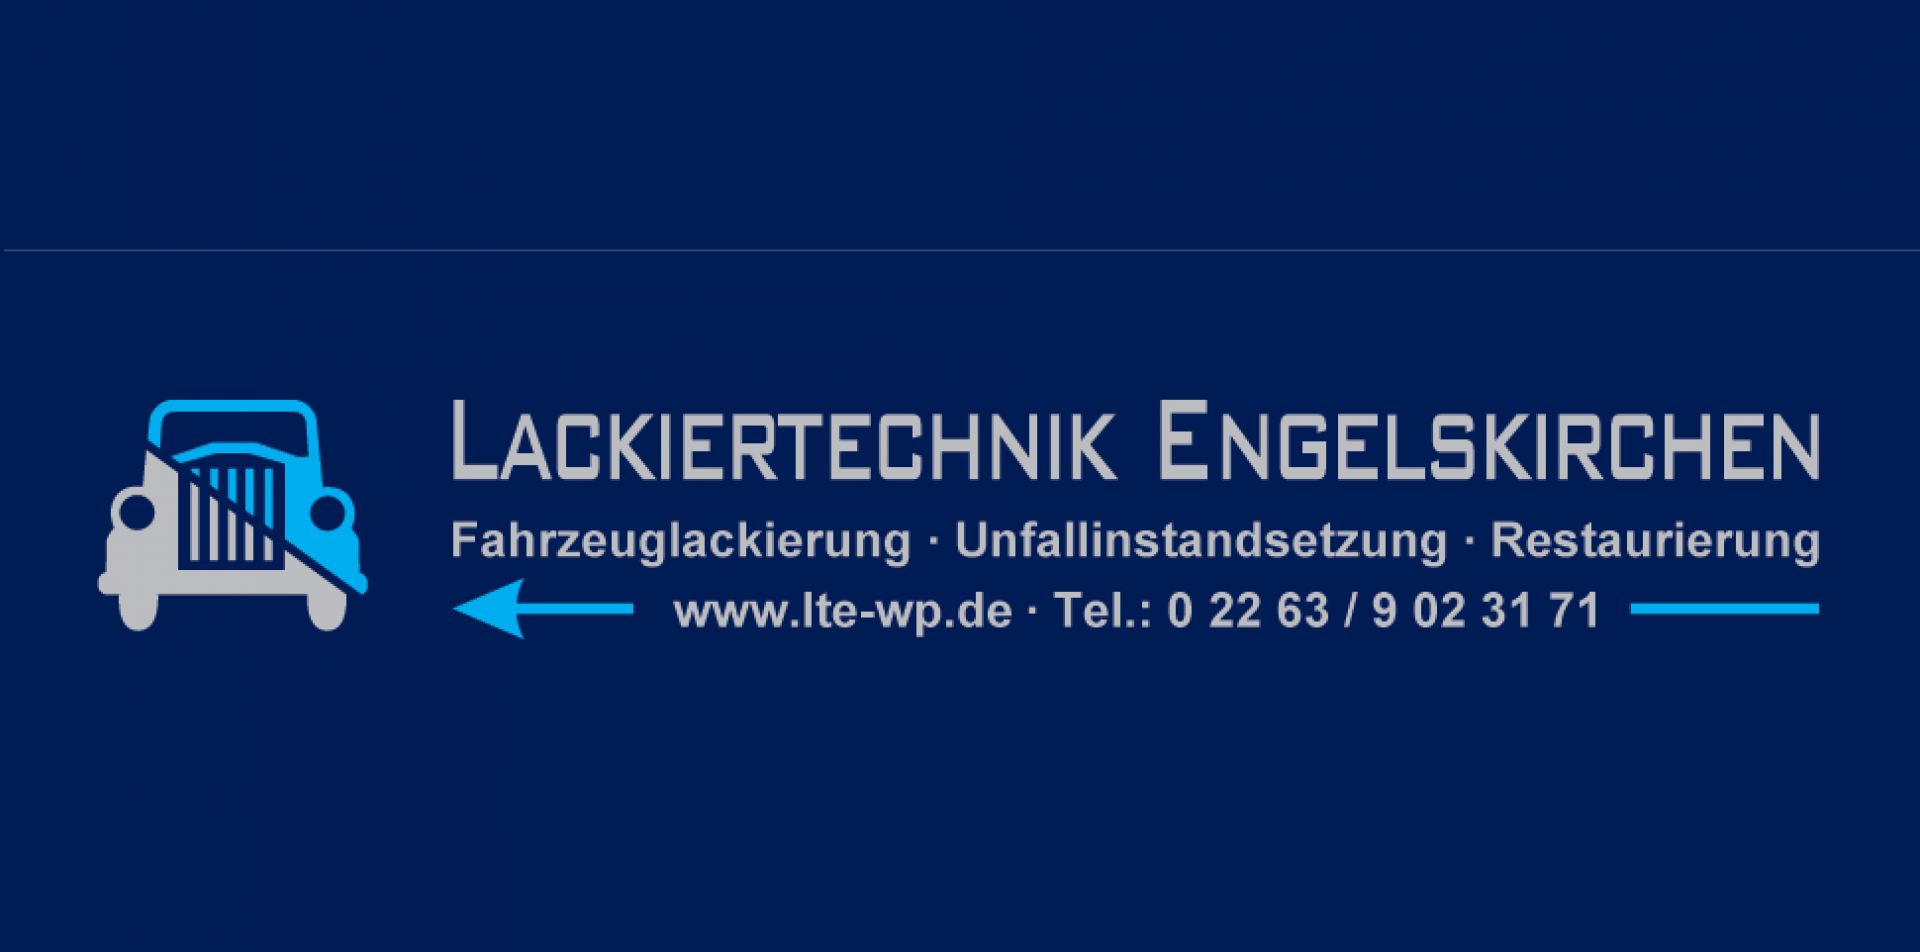 Lackiertechnik-Engelskirchen W. Psaar